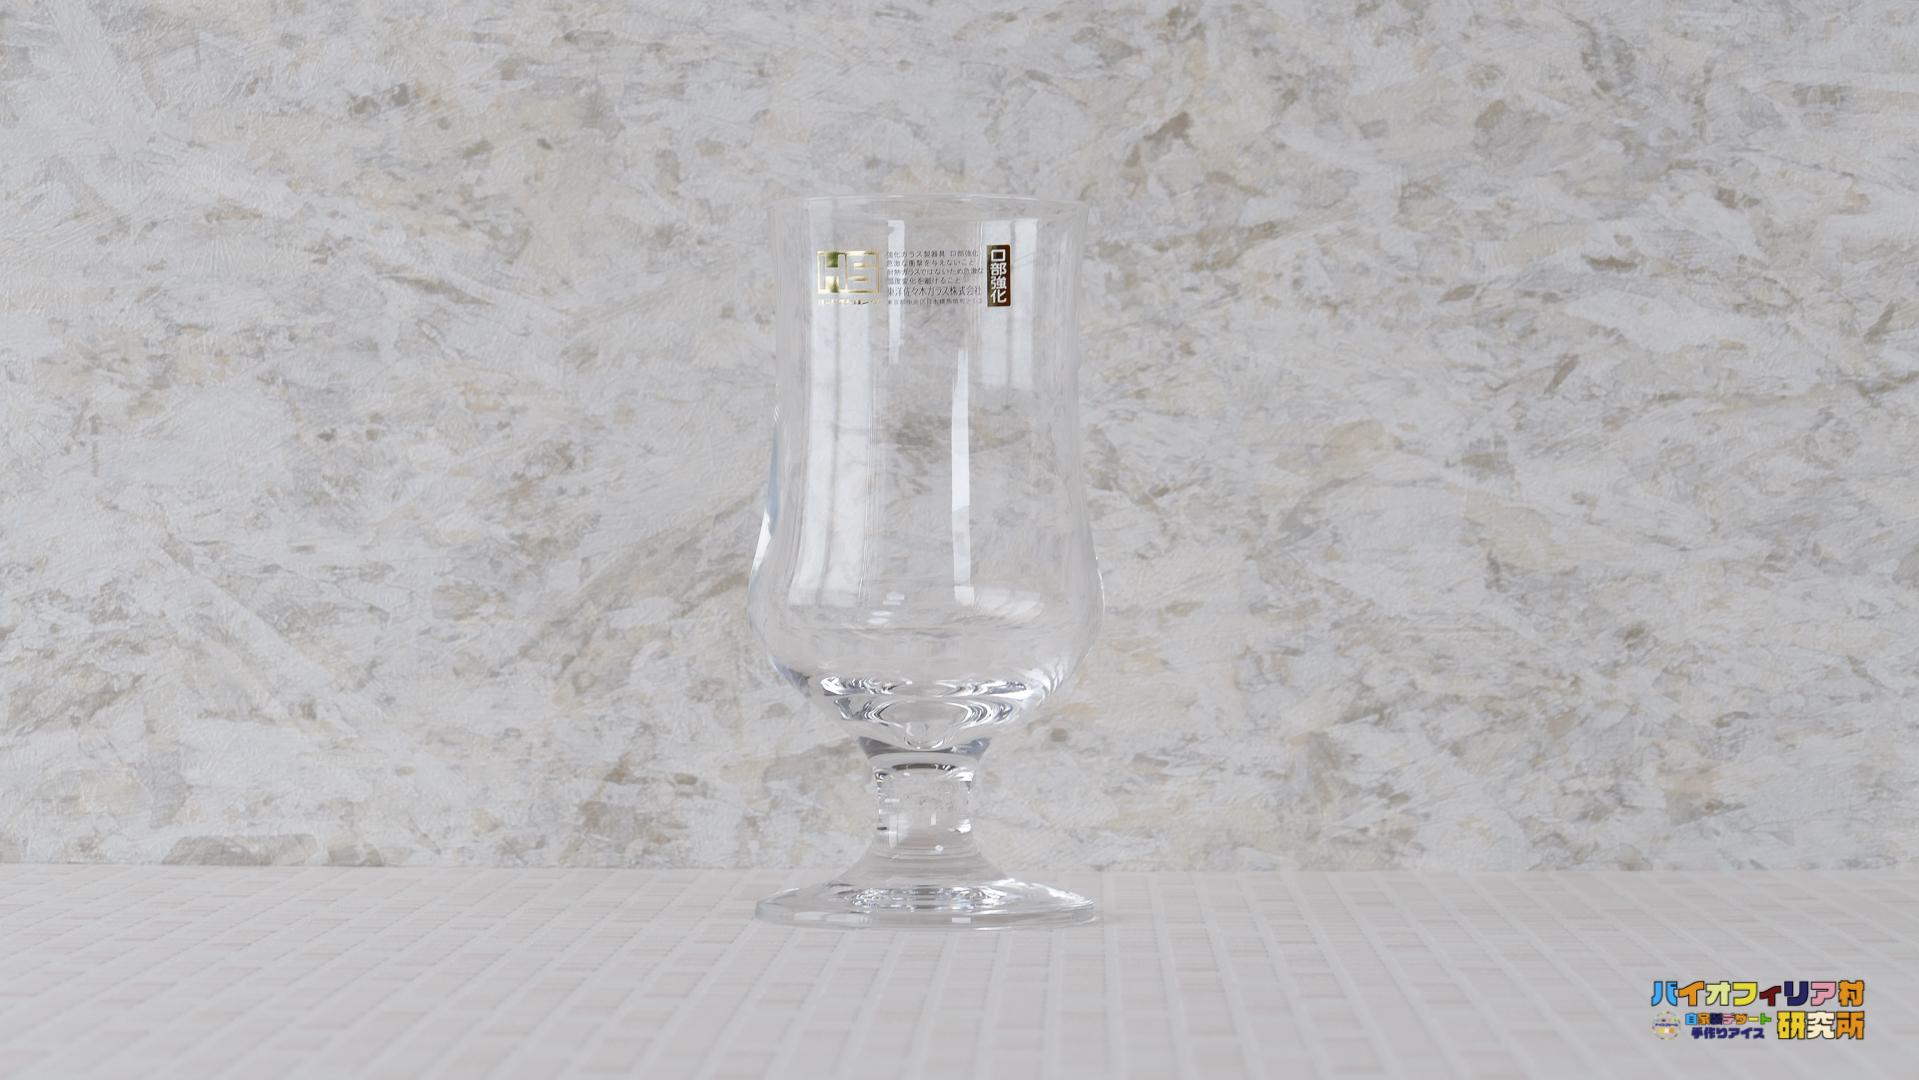 『東洋佐々木ガラス ジュースグラス アロマ 310ml 35001HS』の商品画像です。